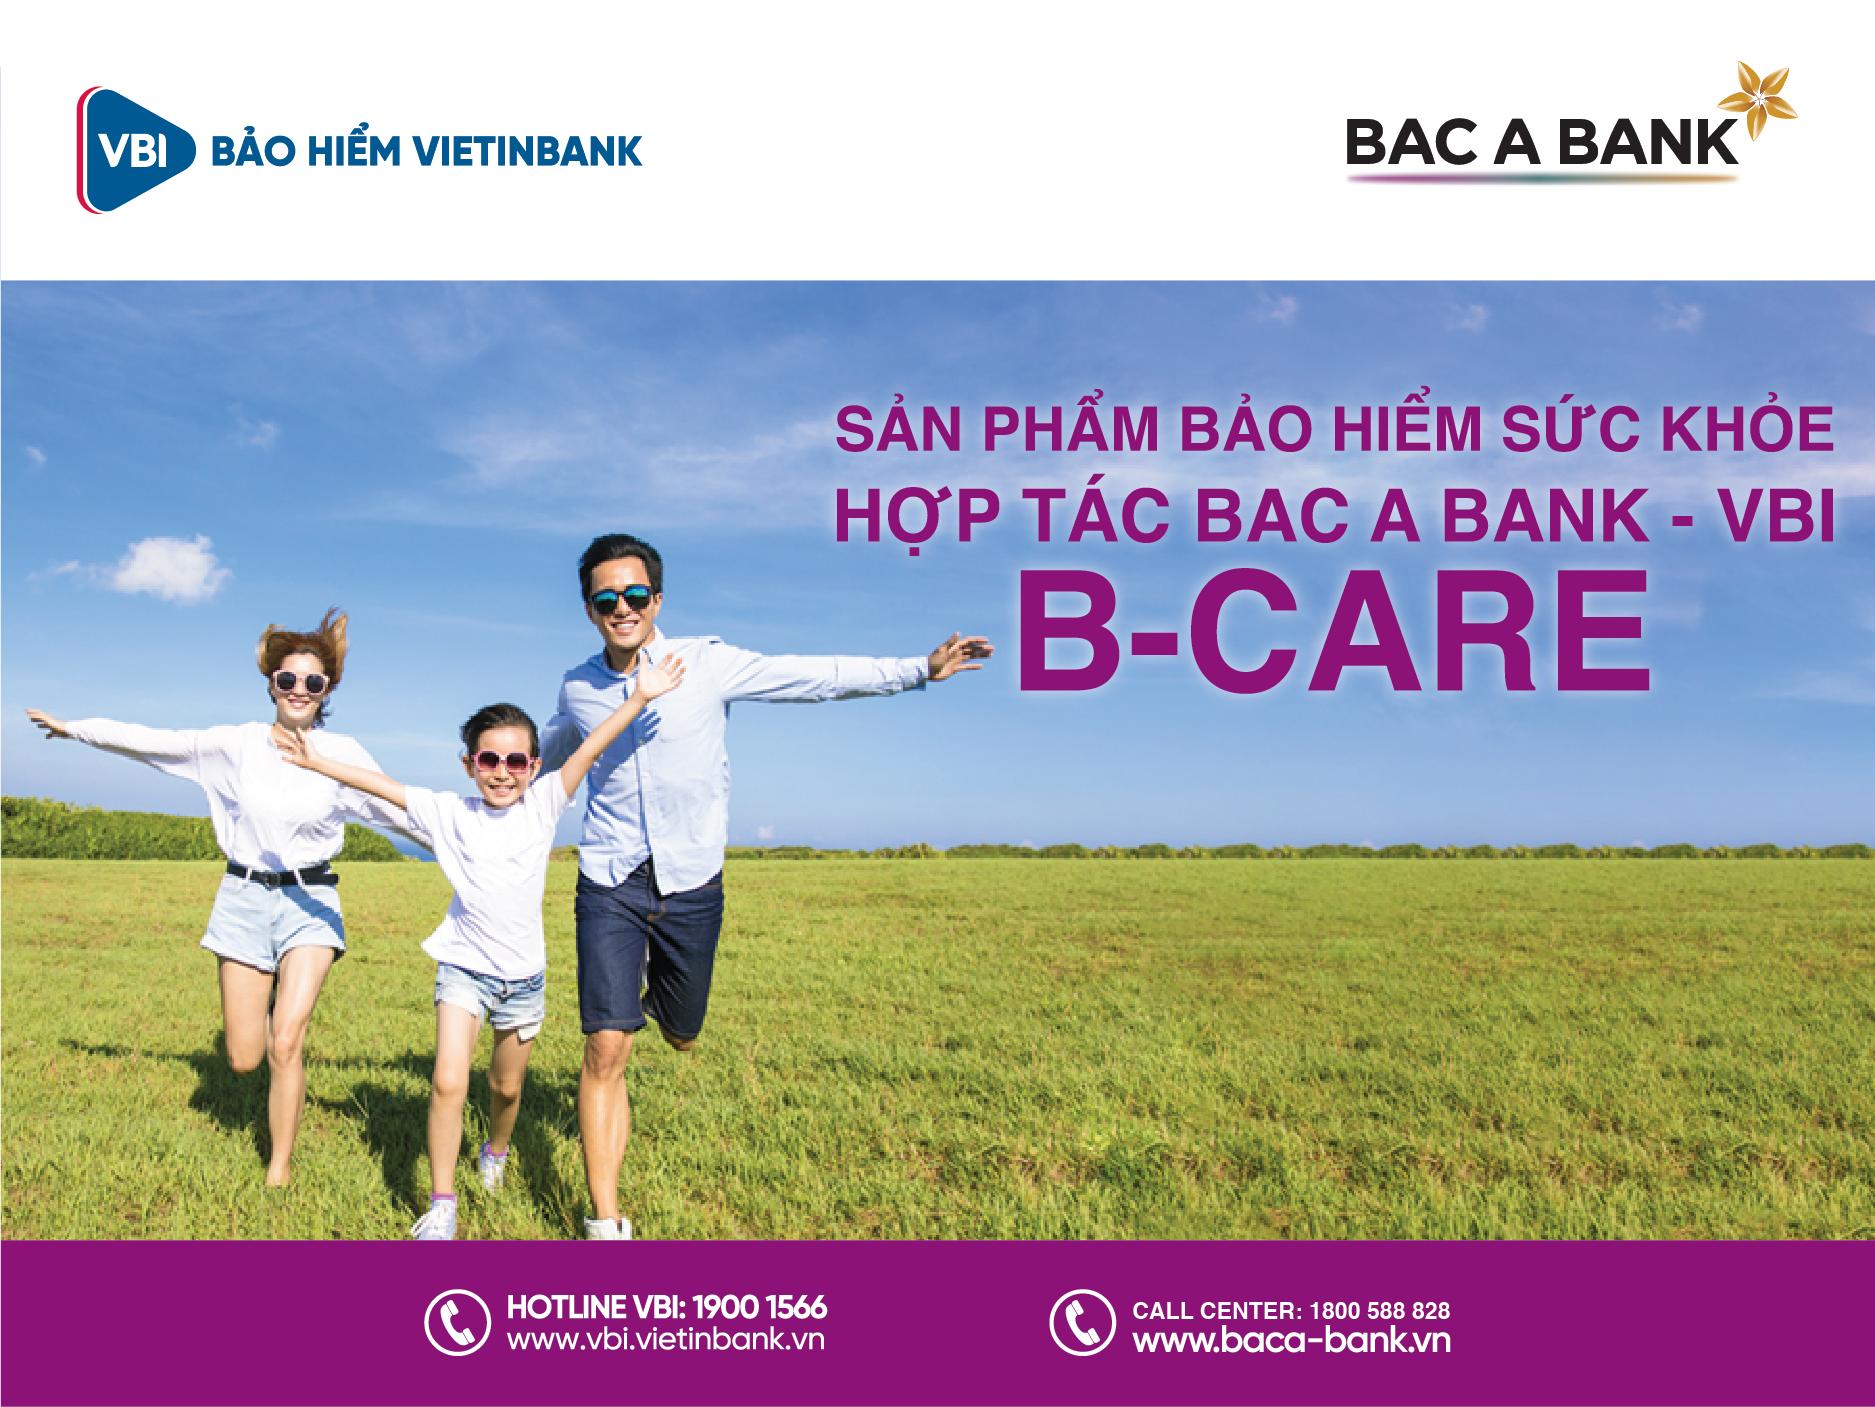 BAC A BANK và VBI chính thức hợp tác phân phối bảo hiểm phi nhân thọ